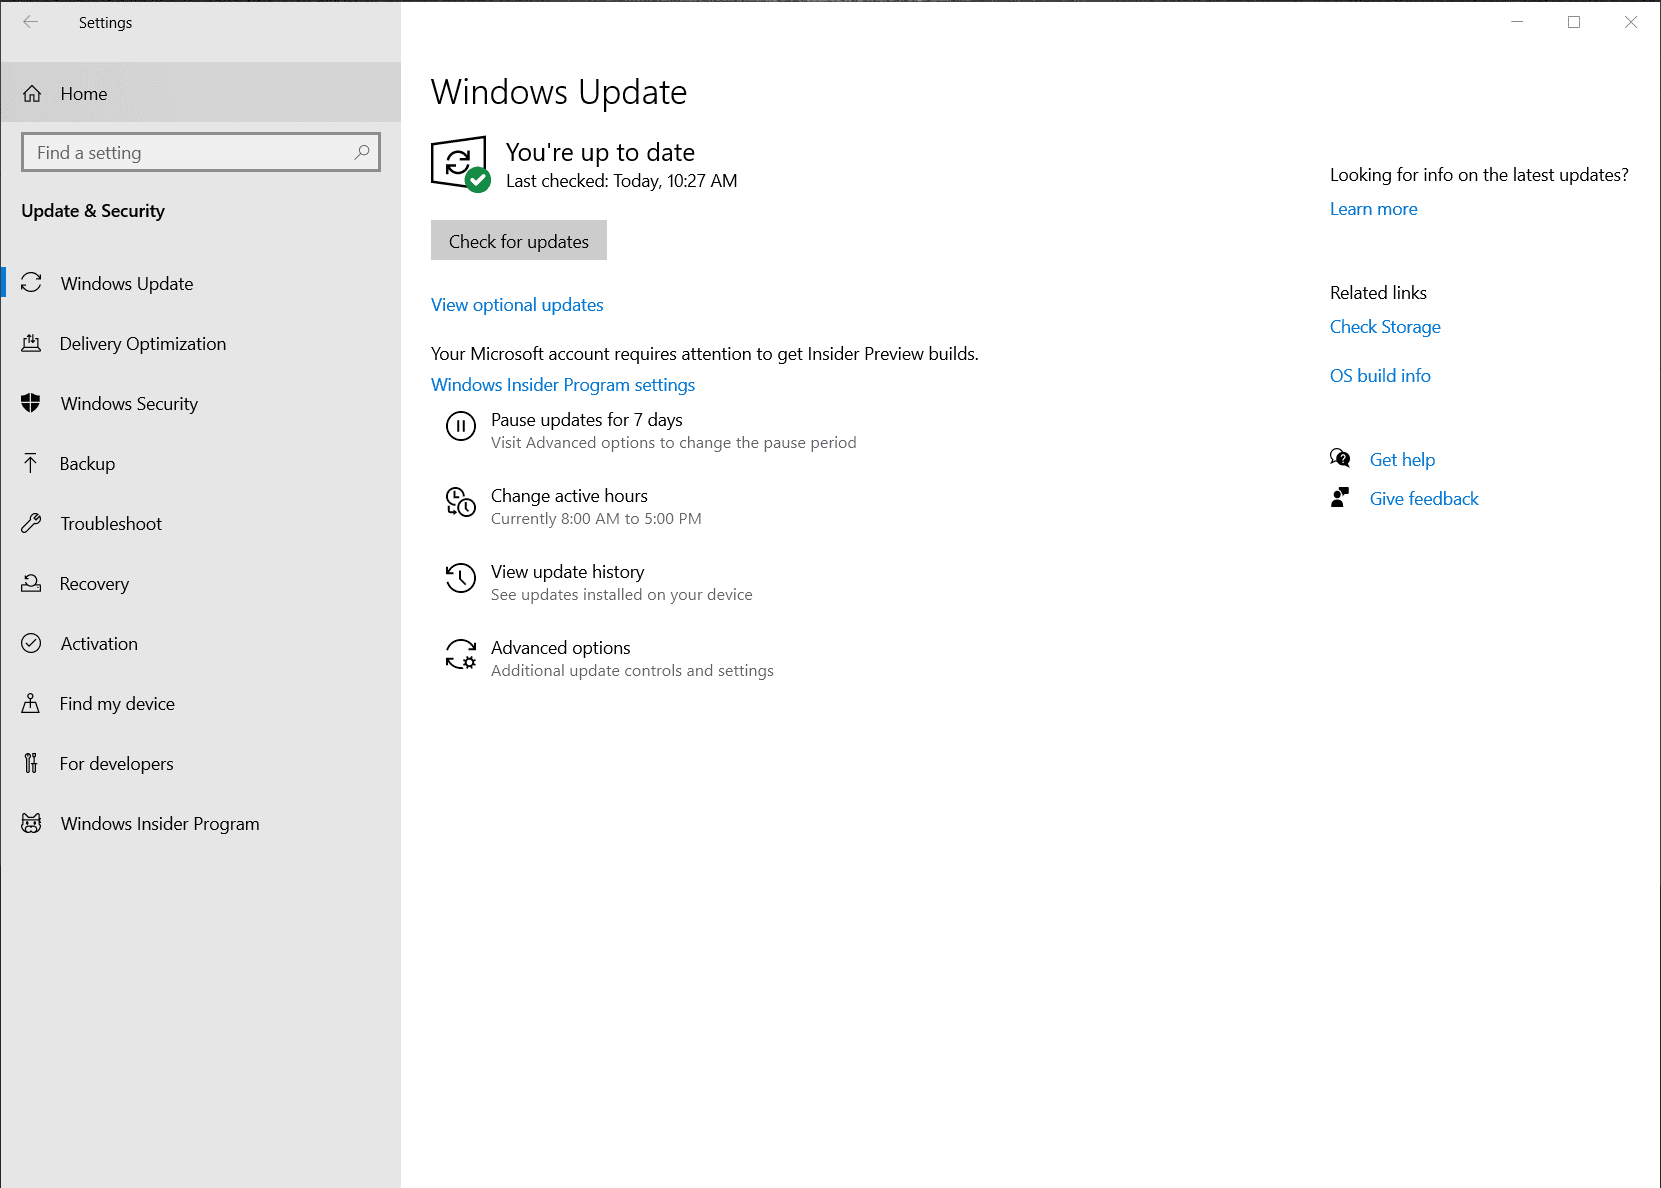 windows 10 actualizaciones de controladores opcionales